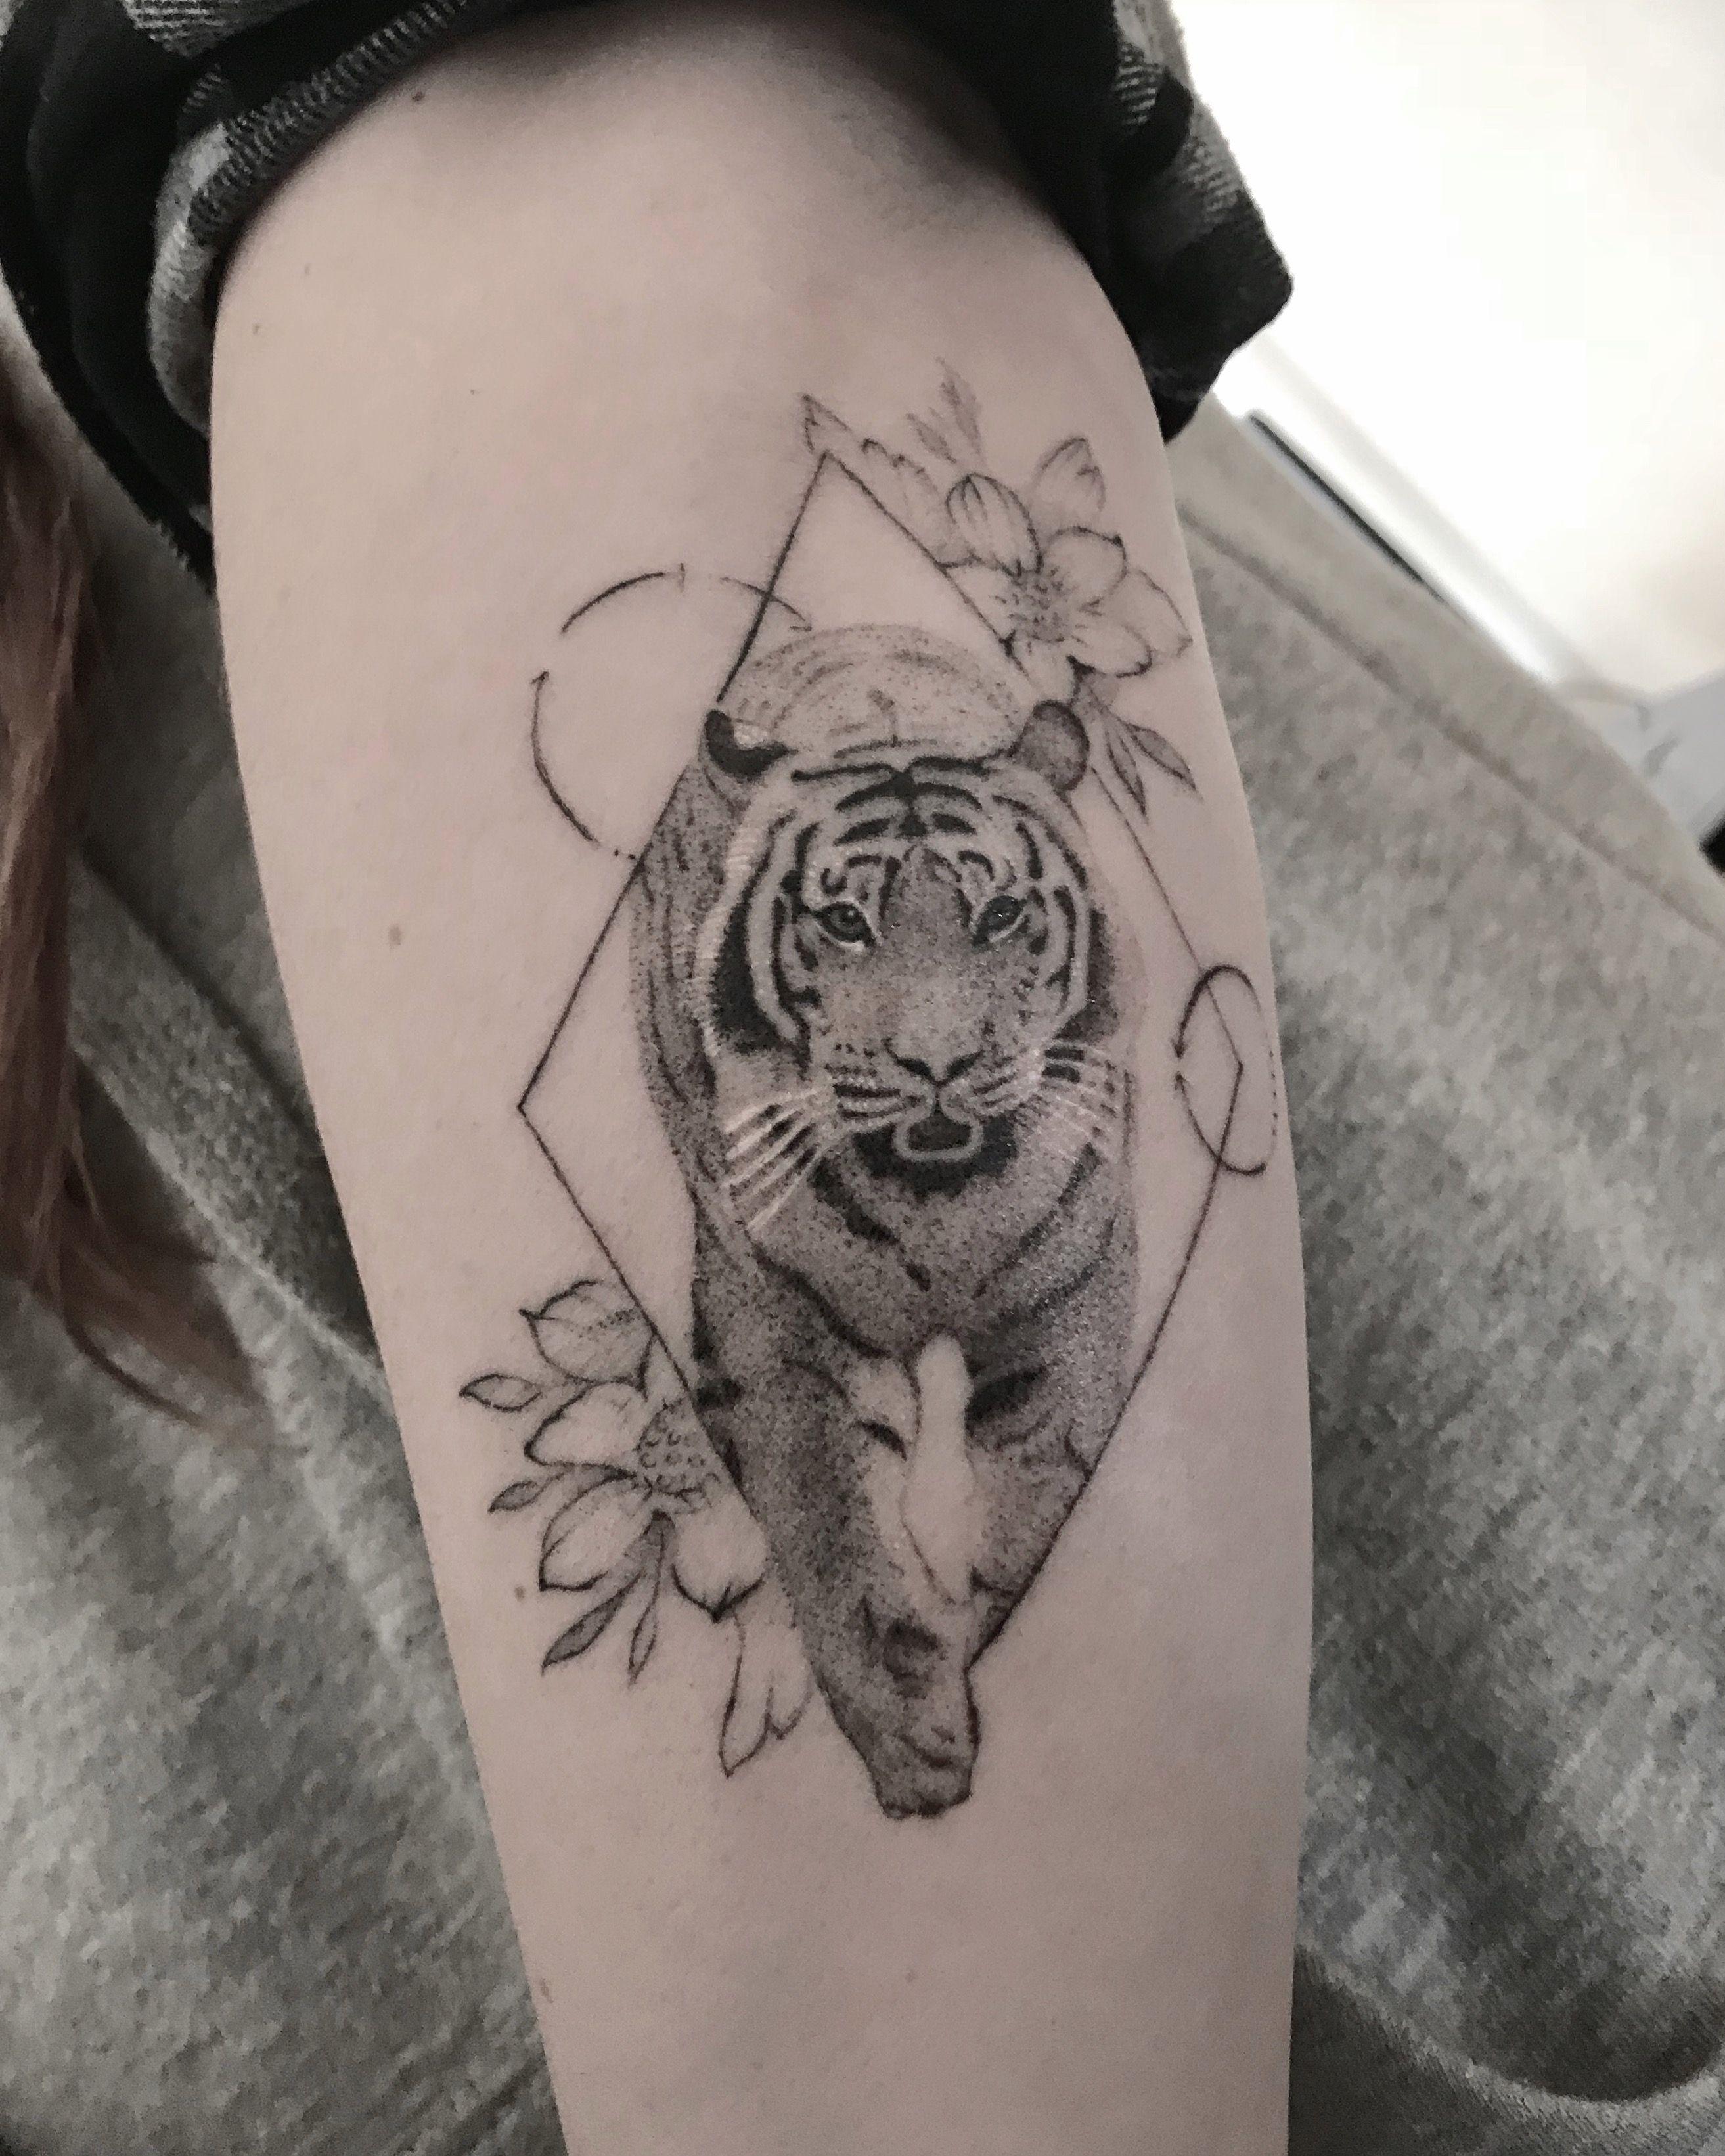 Tiger Tattoos And Flower: Tattooed By @micro_man_ Geometric Tiger Flower Tattoo